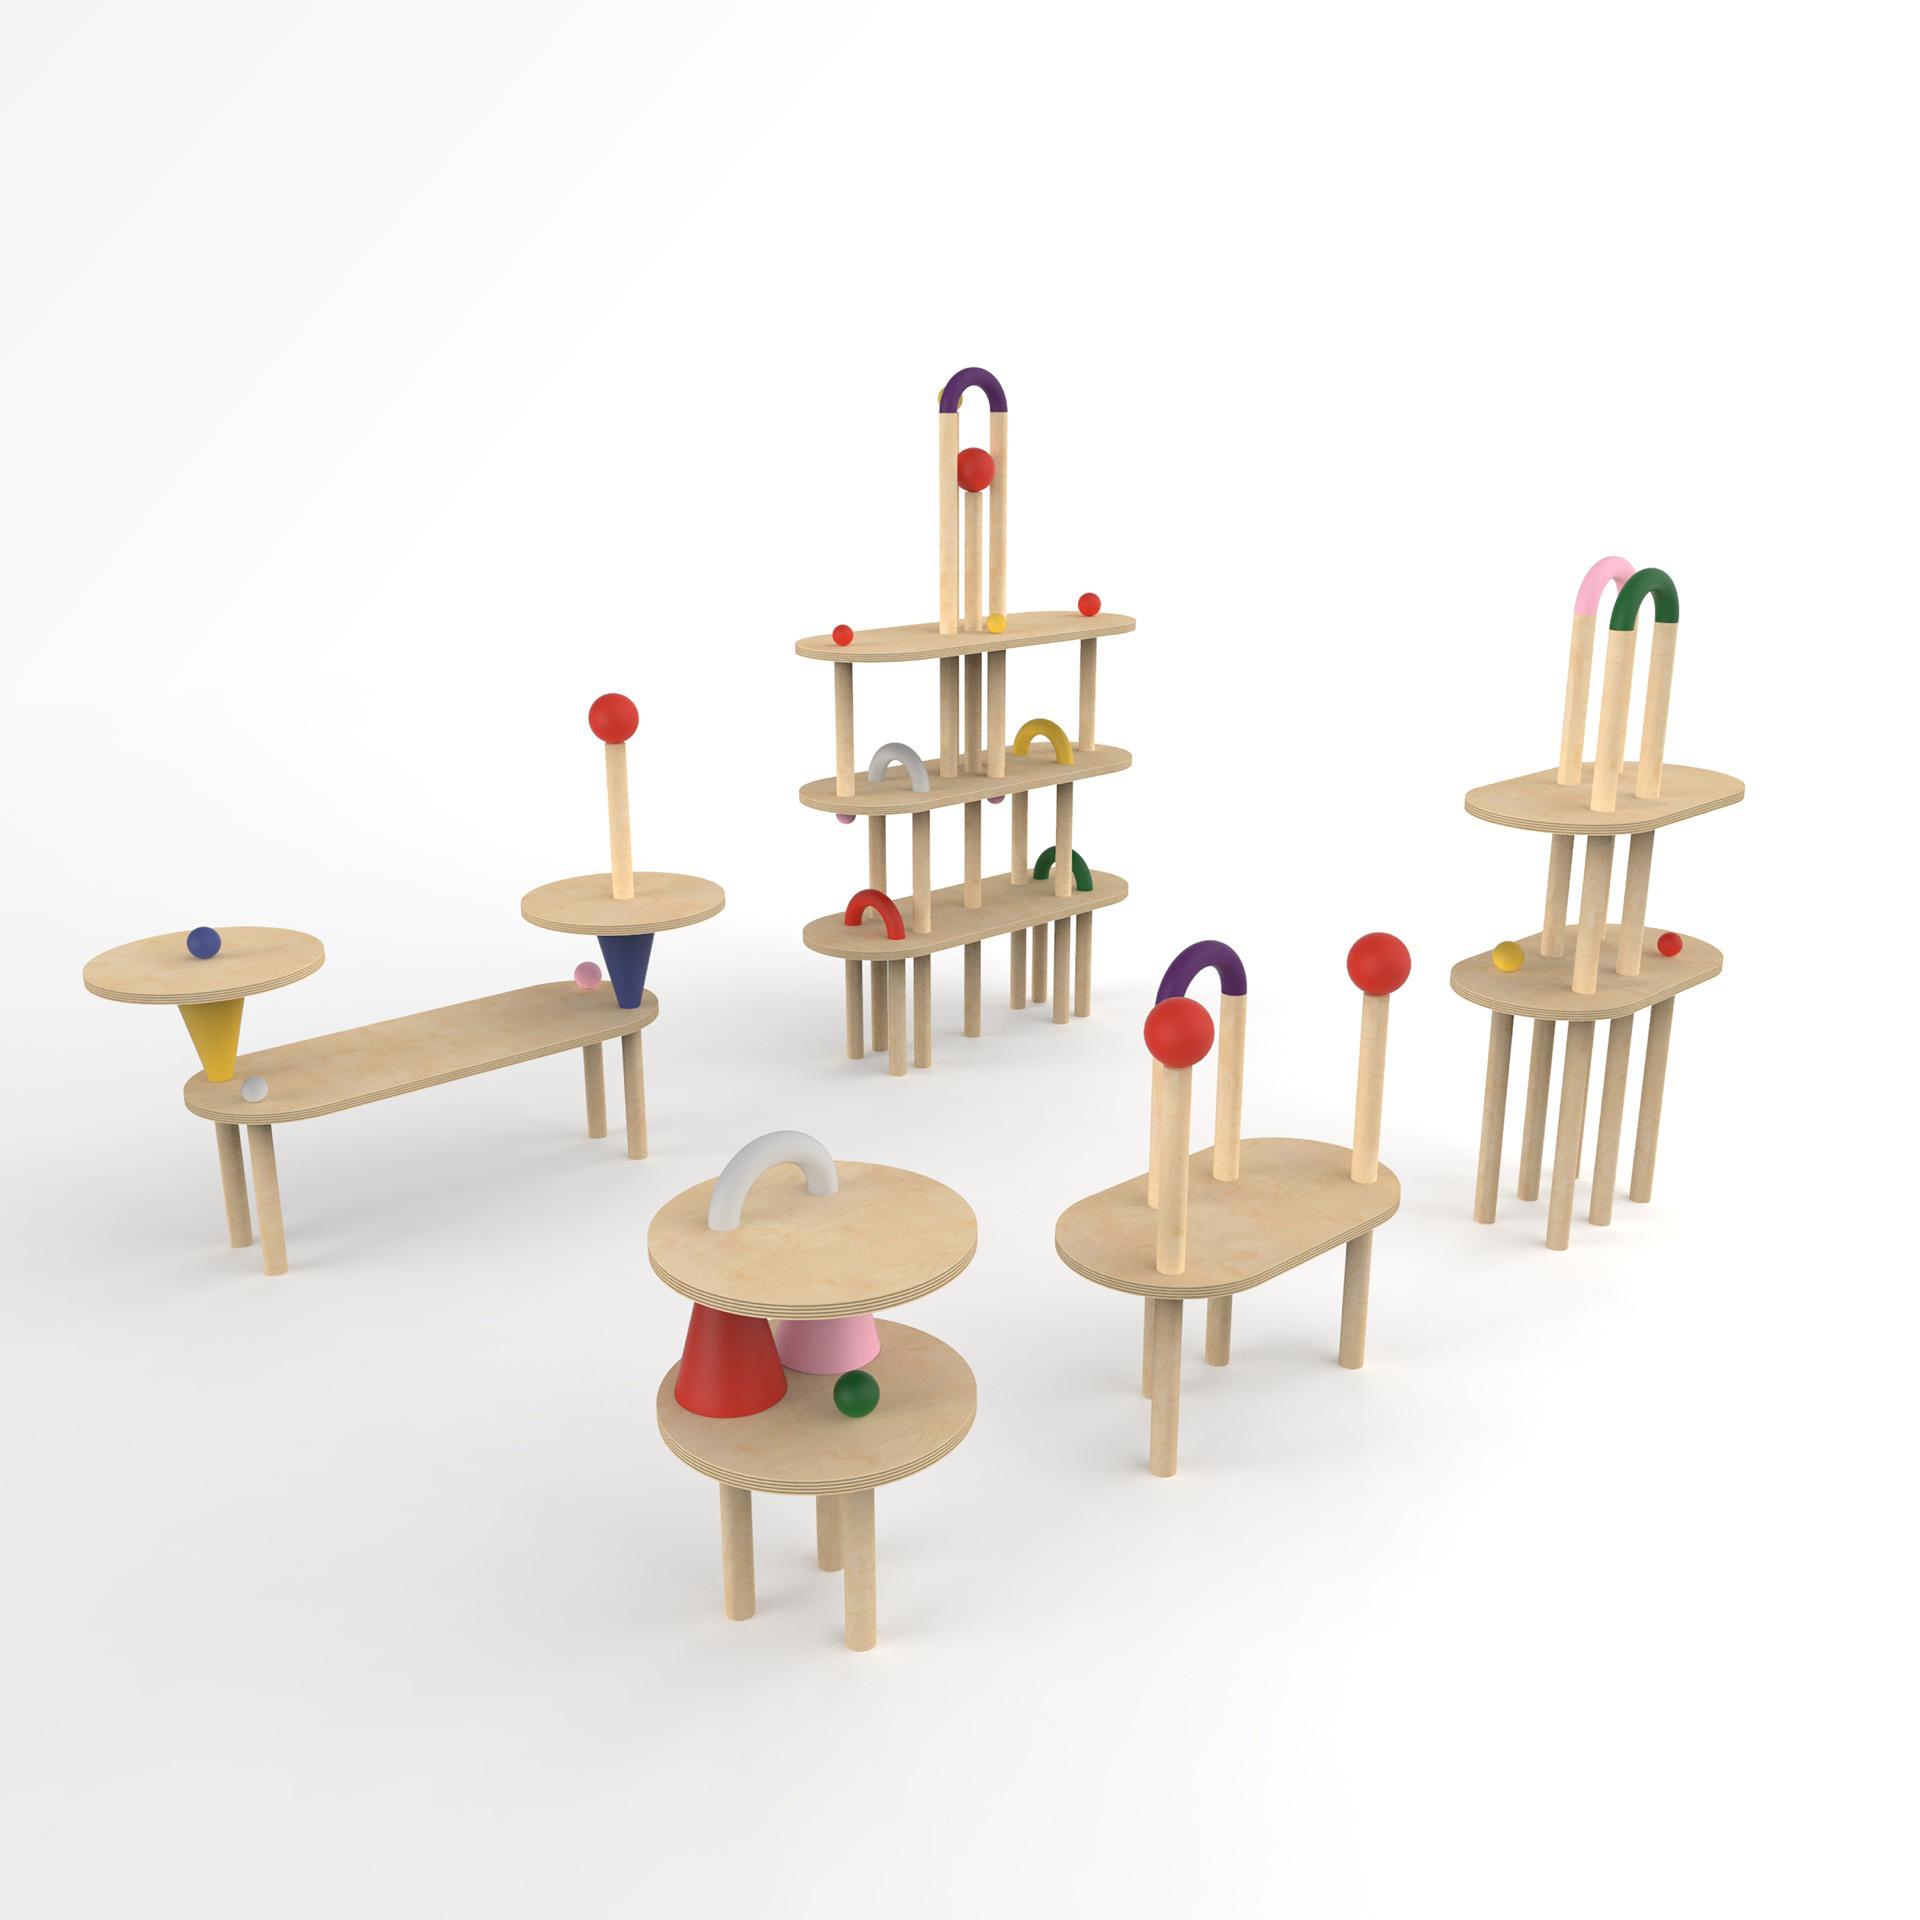 1º Mención especial, el sistema de muebles infantiles Koko Loko.